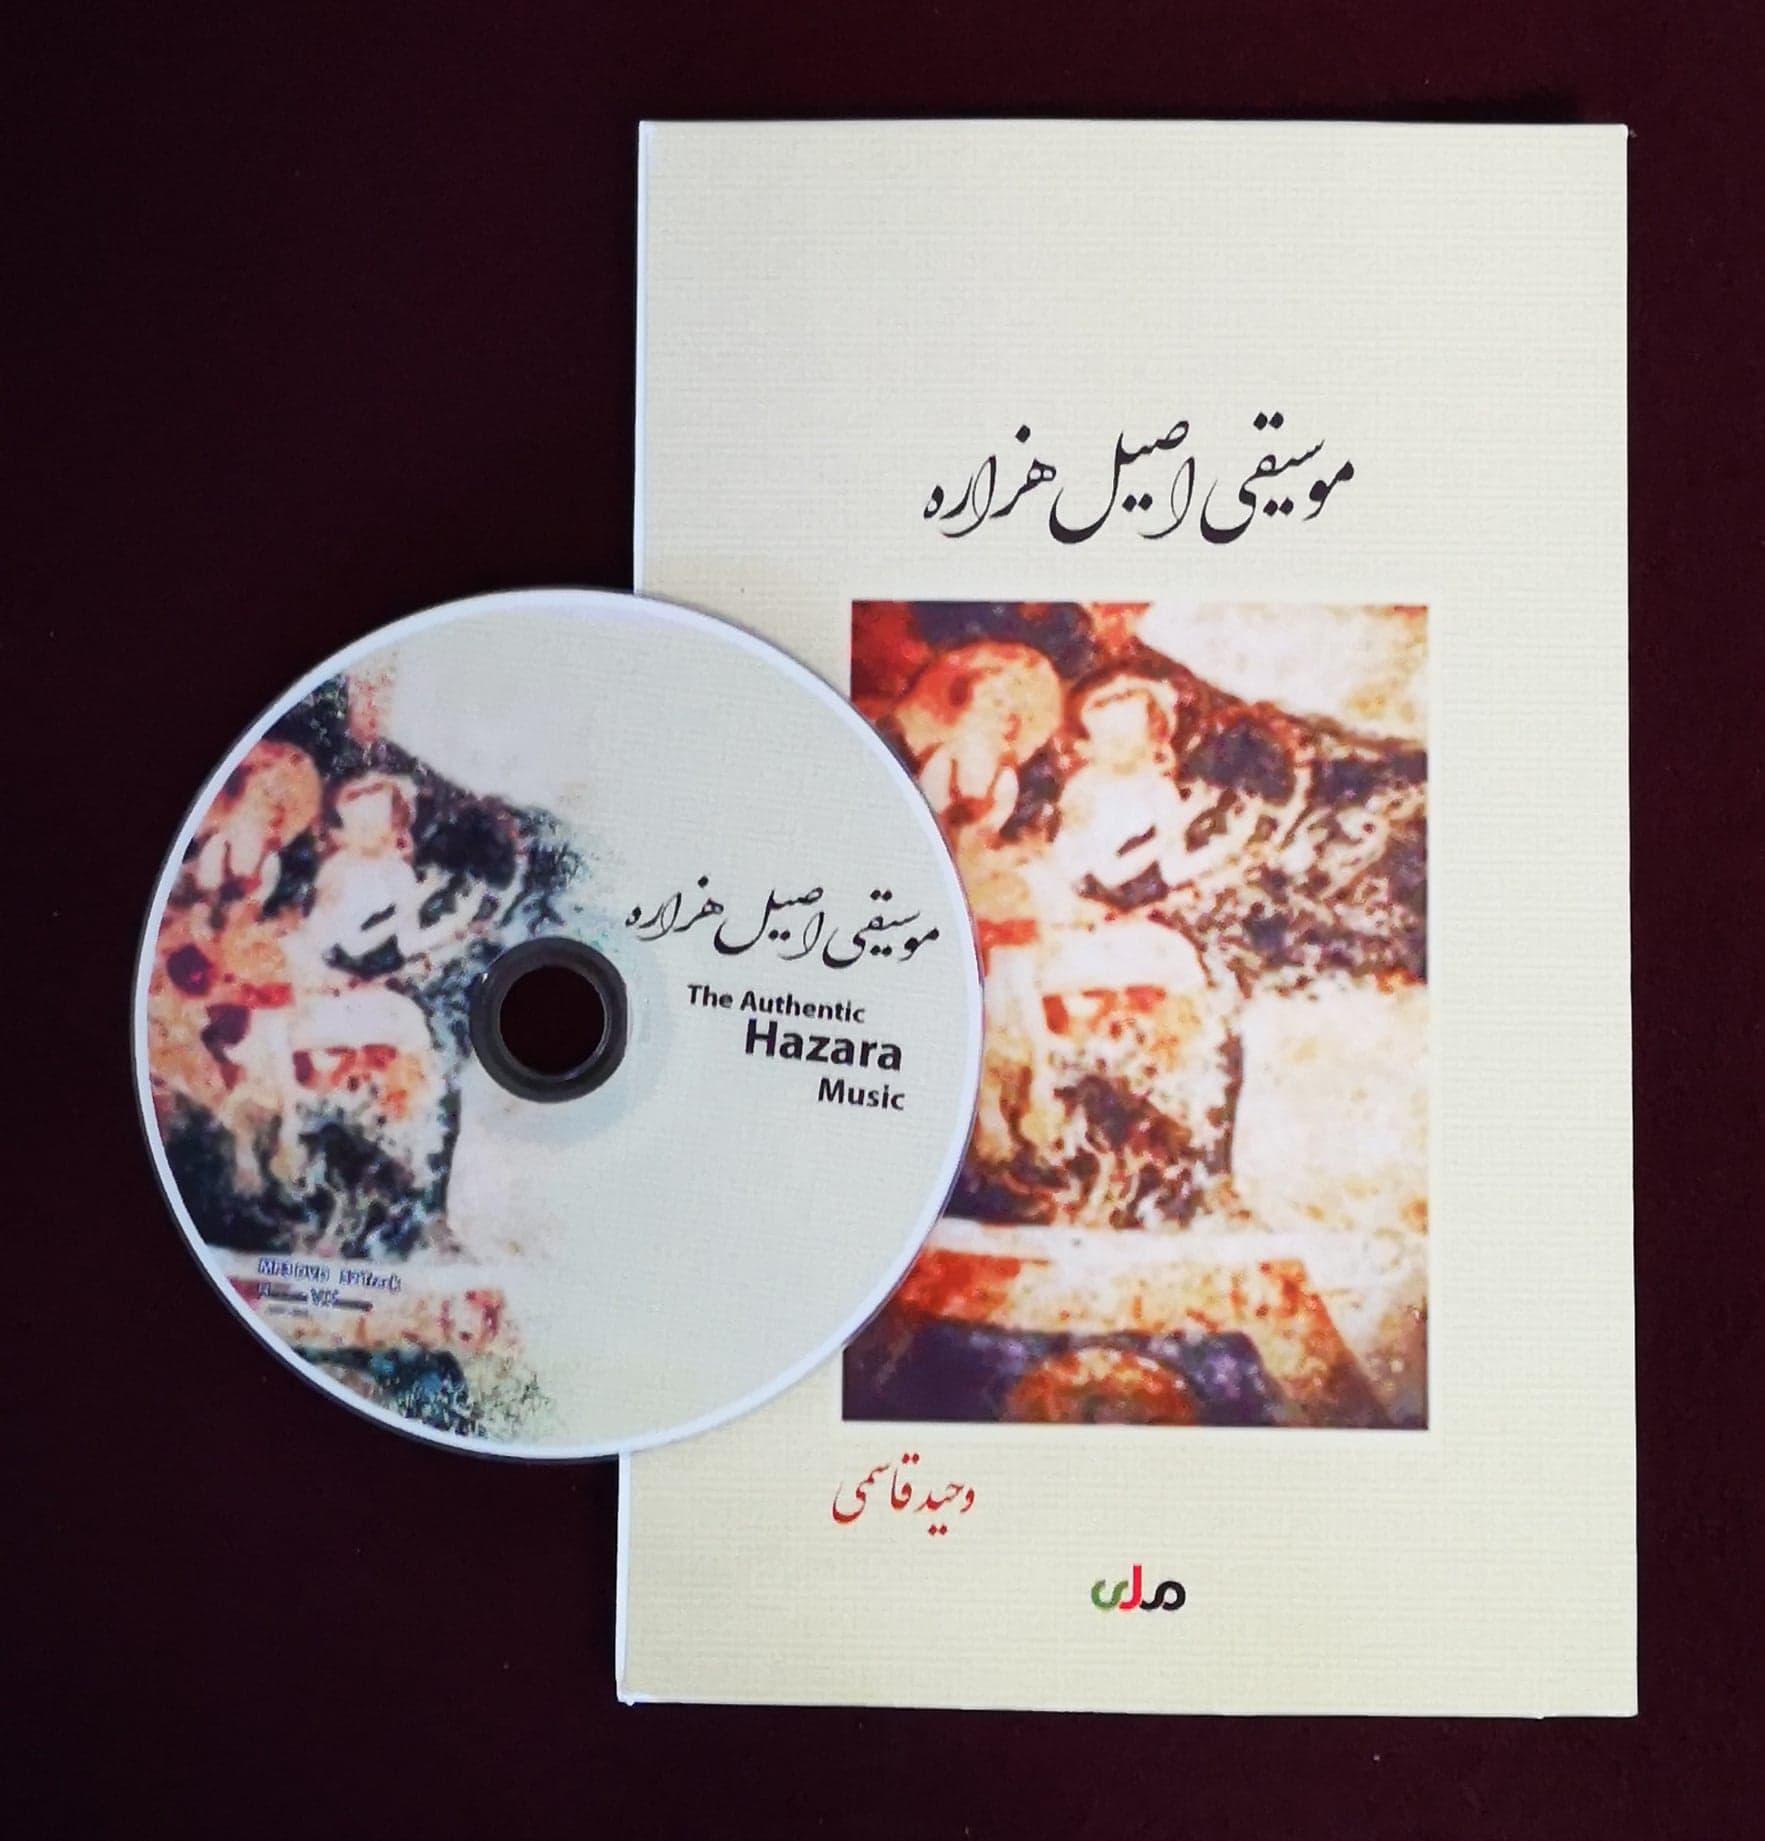 کتاب موسیقی اصیل هزاره